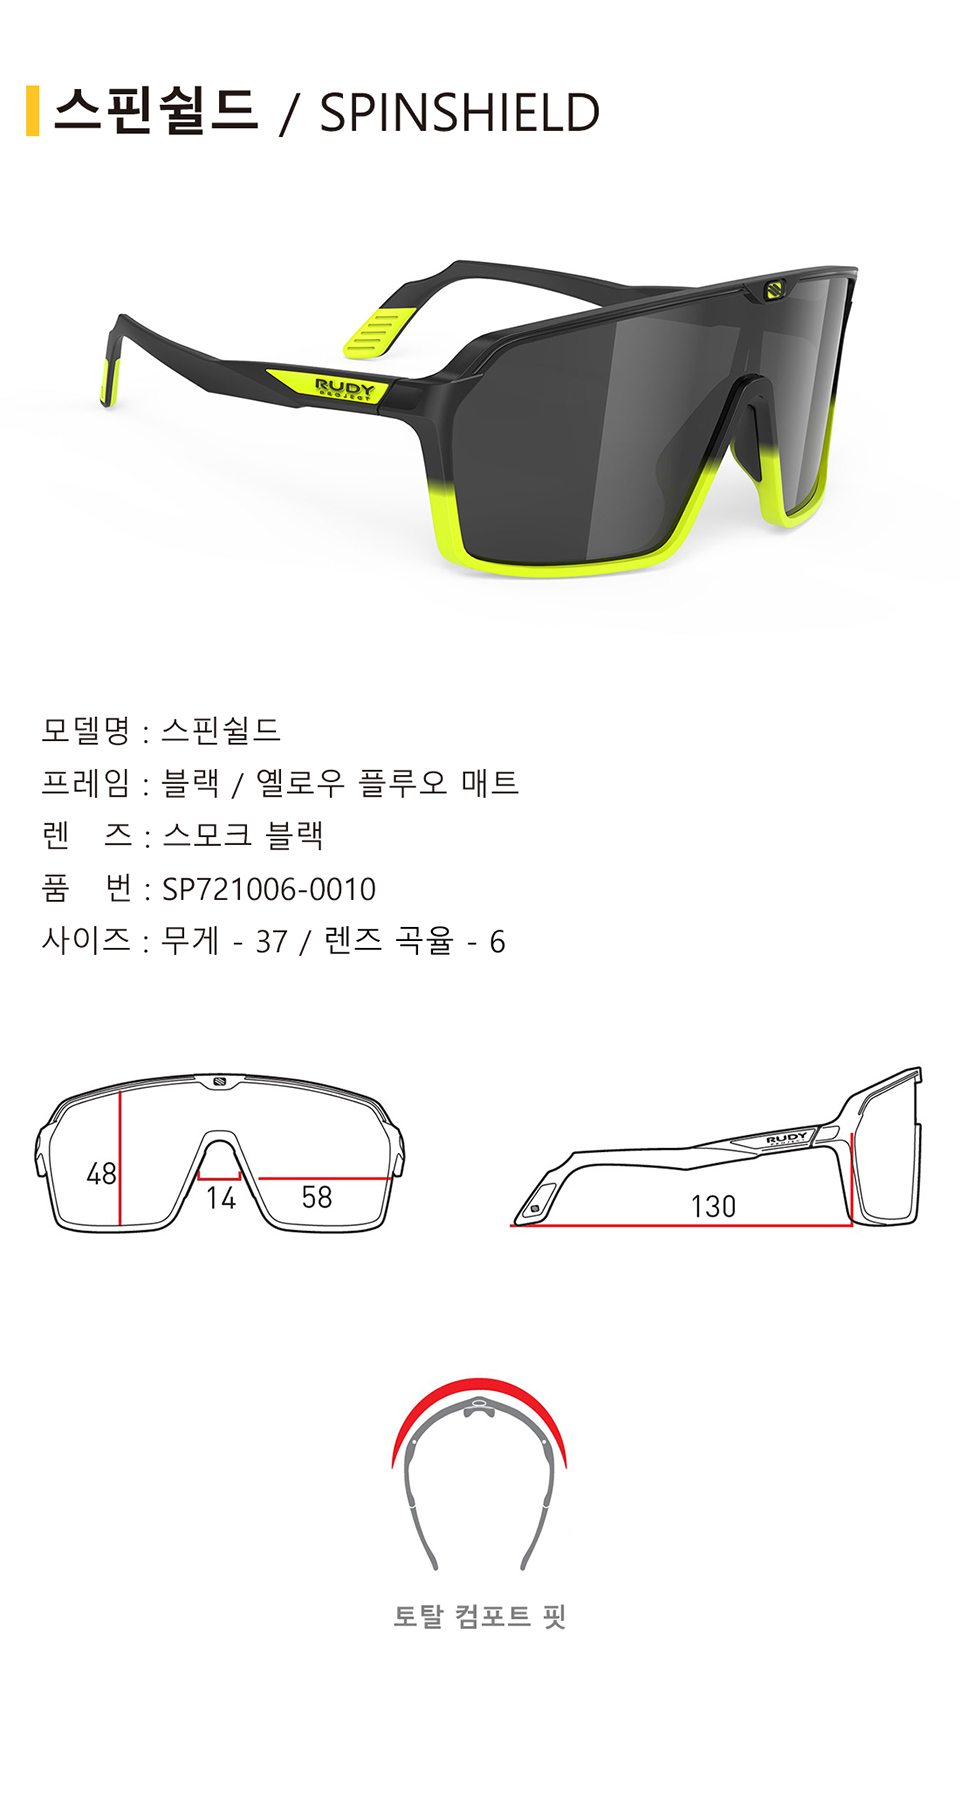 루디프로젝트(RUDY PROJECT) 스핀쉴드 SP721006-0010